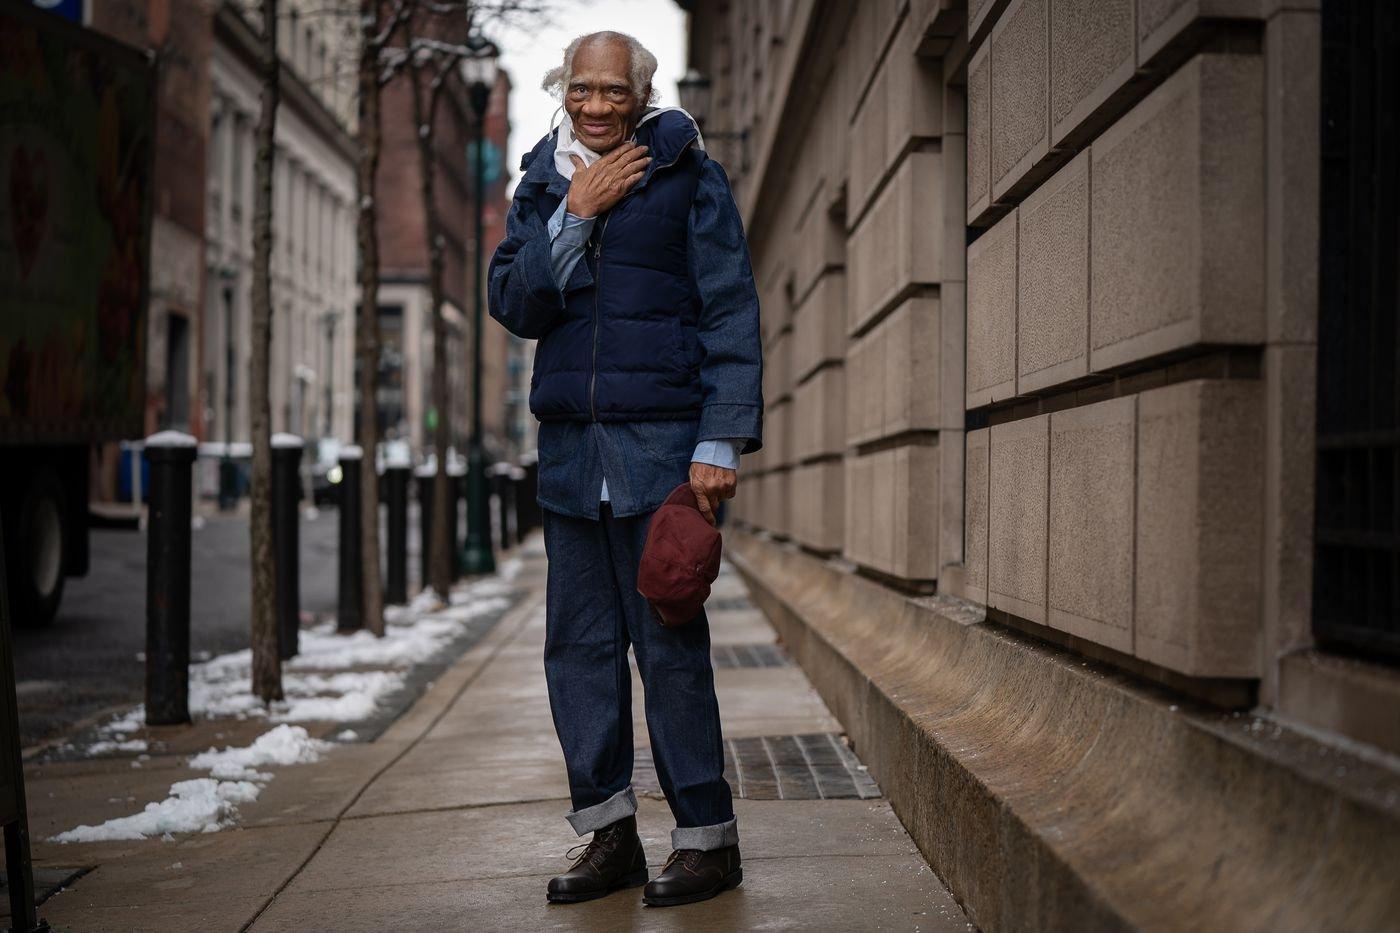 joe-ligon-logro-libertad-tras-estar-68-anos-preso